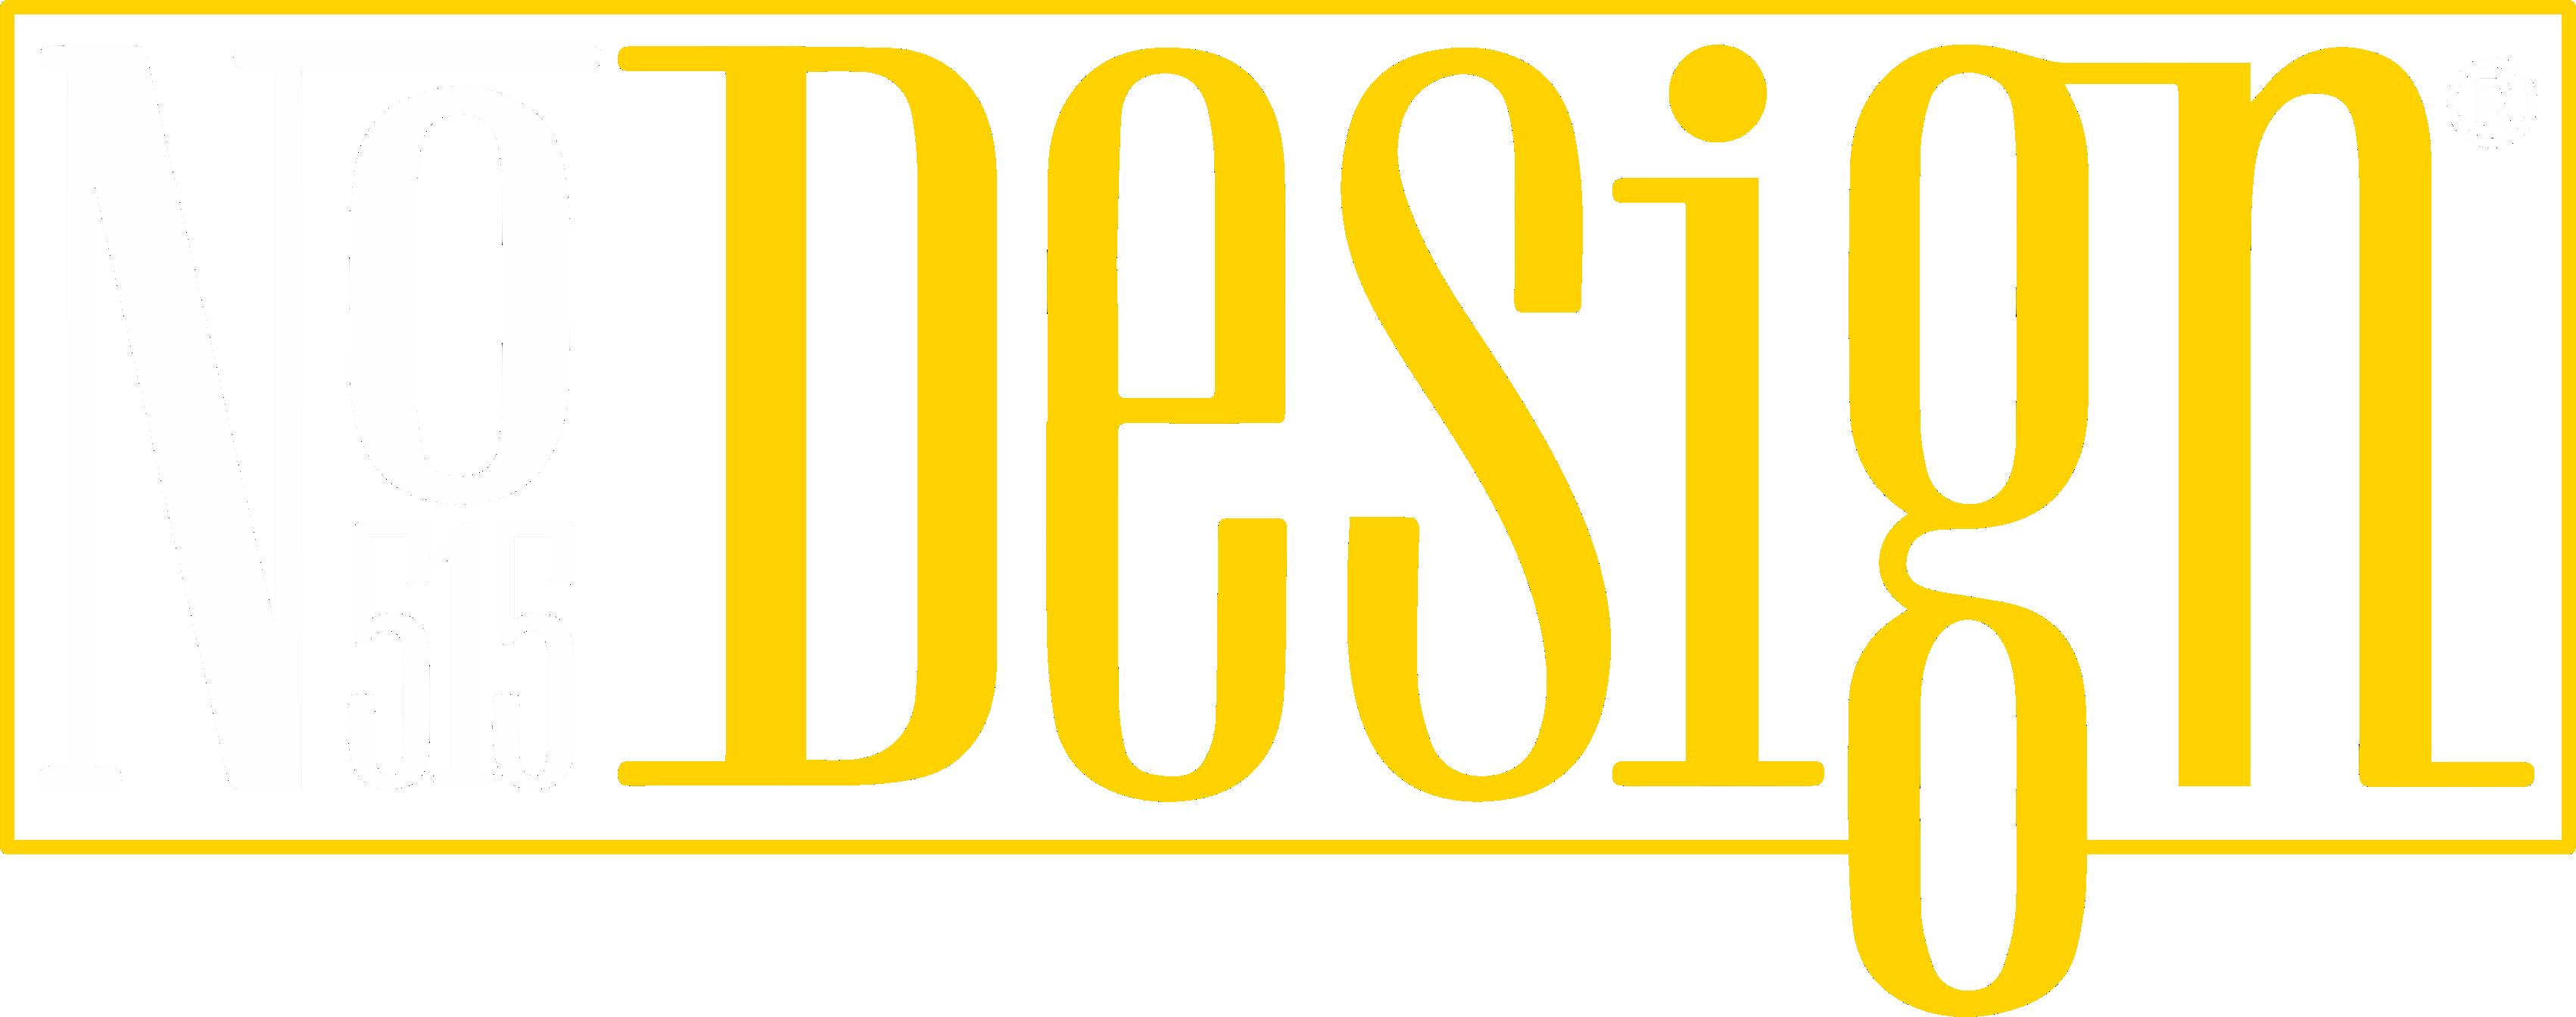 No515 Design